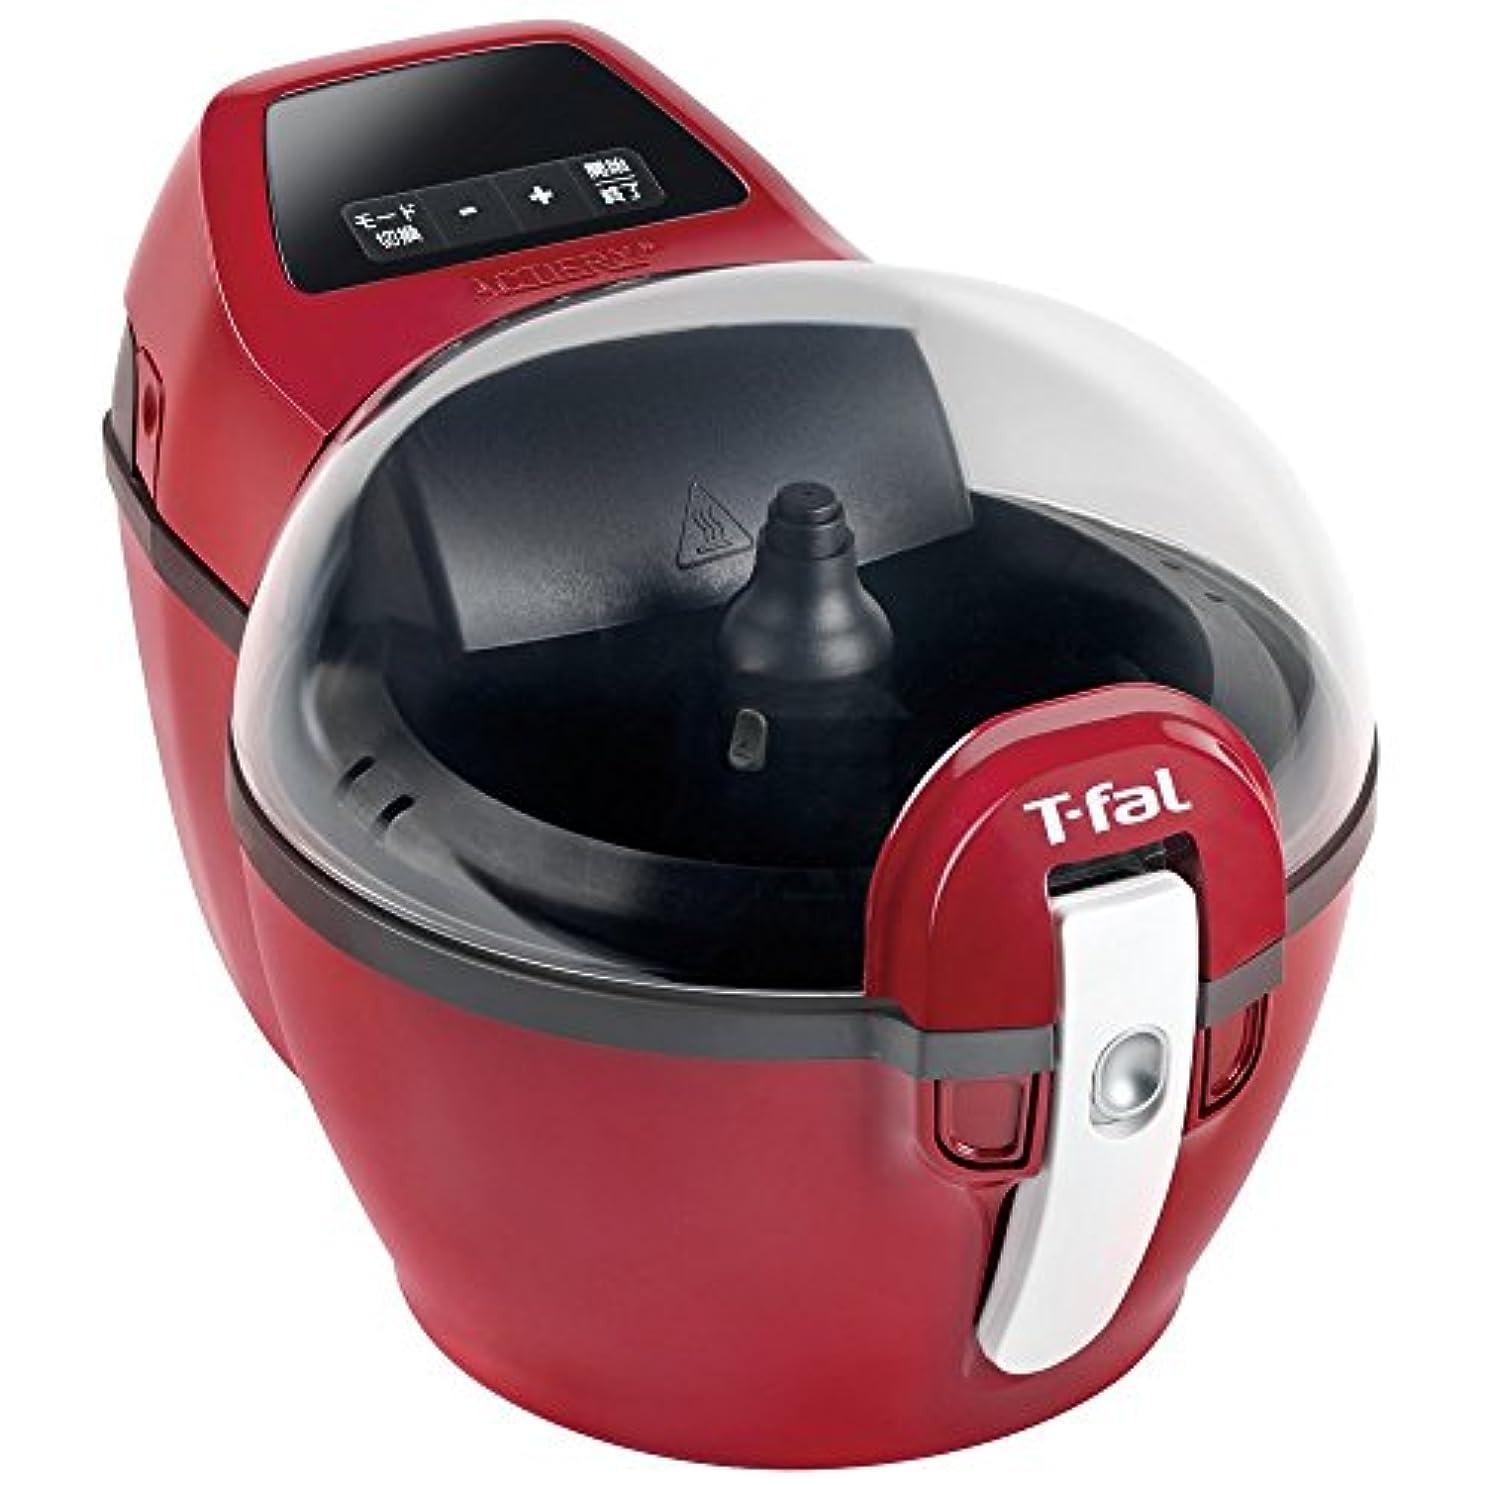 誤って慣れている降ろすティファール 電気フライヤー アクティフライ  揚げ物 炒め物 煮込み レッド 調理家電 FZ205588